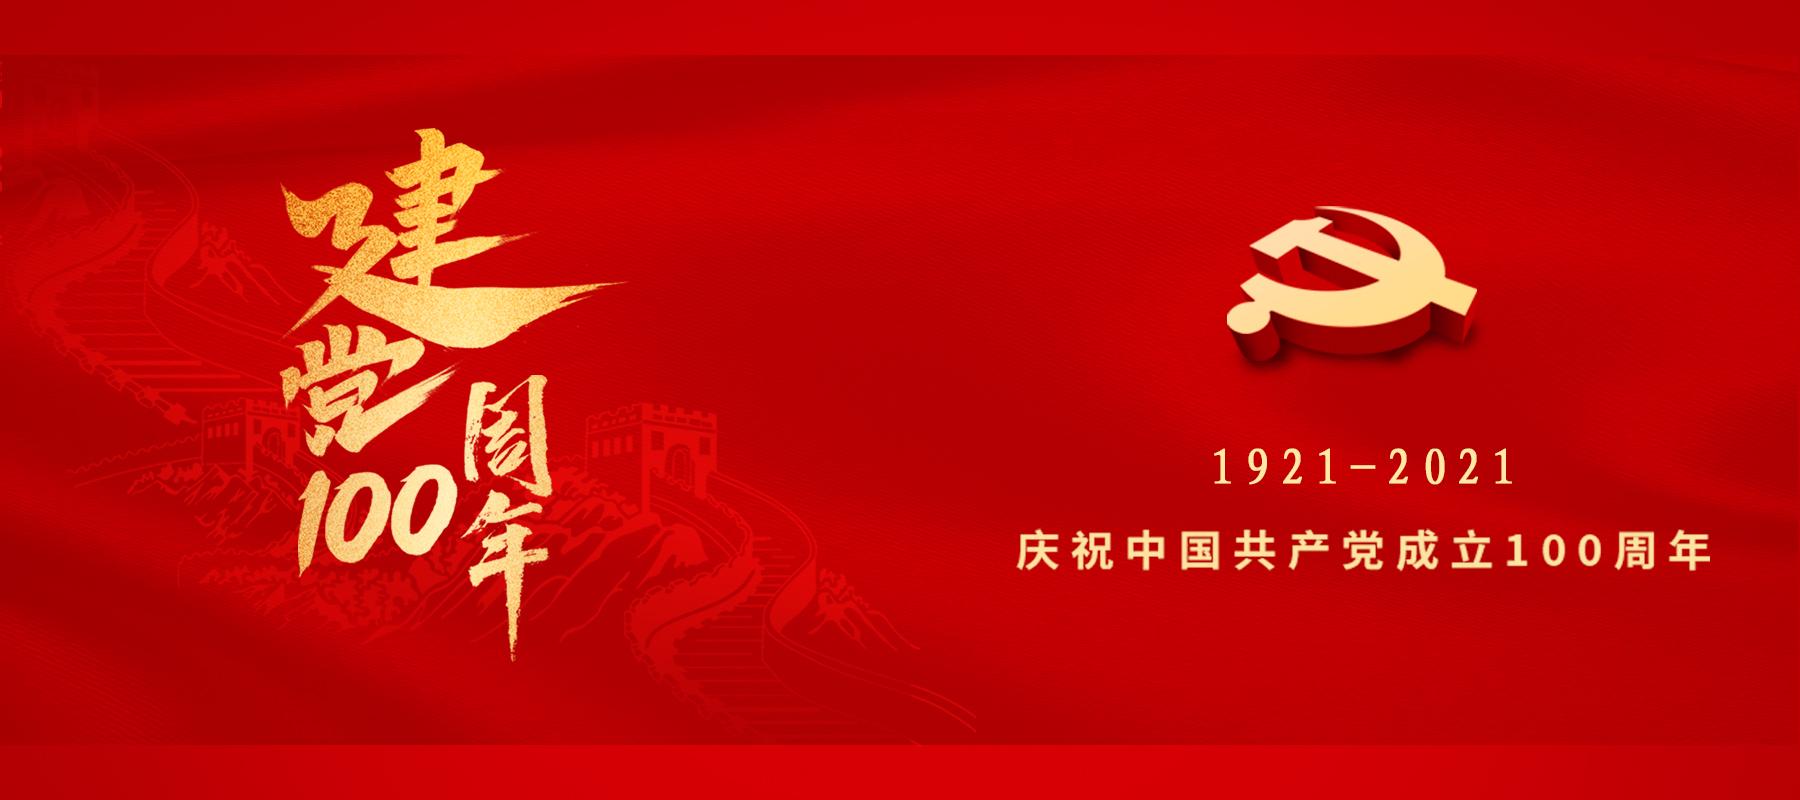 江苏不懒人祝党100岁生日快乐